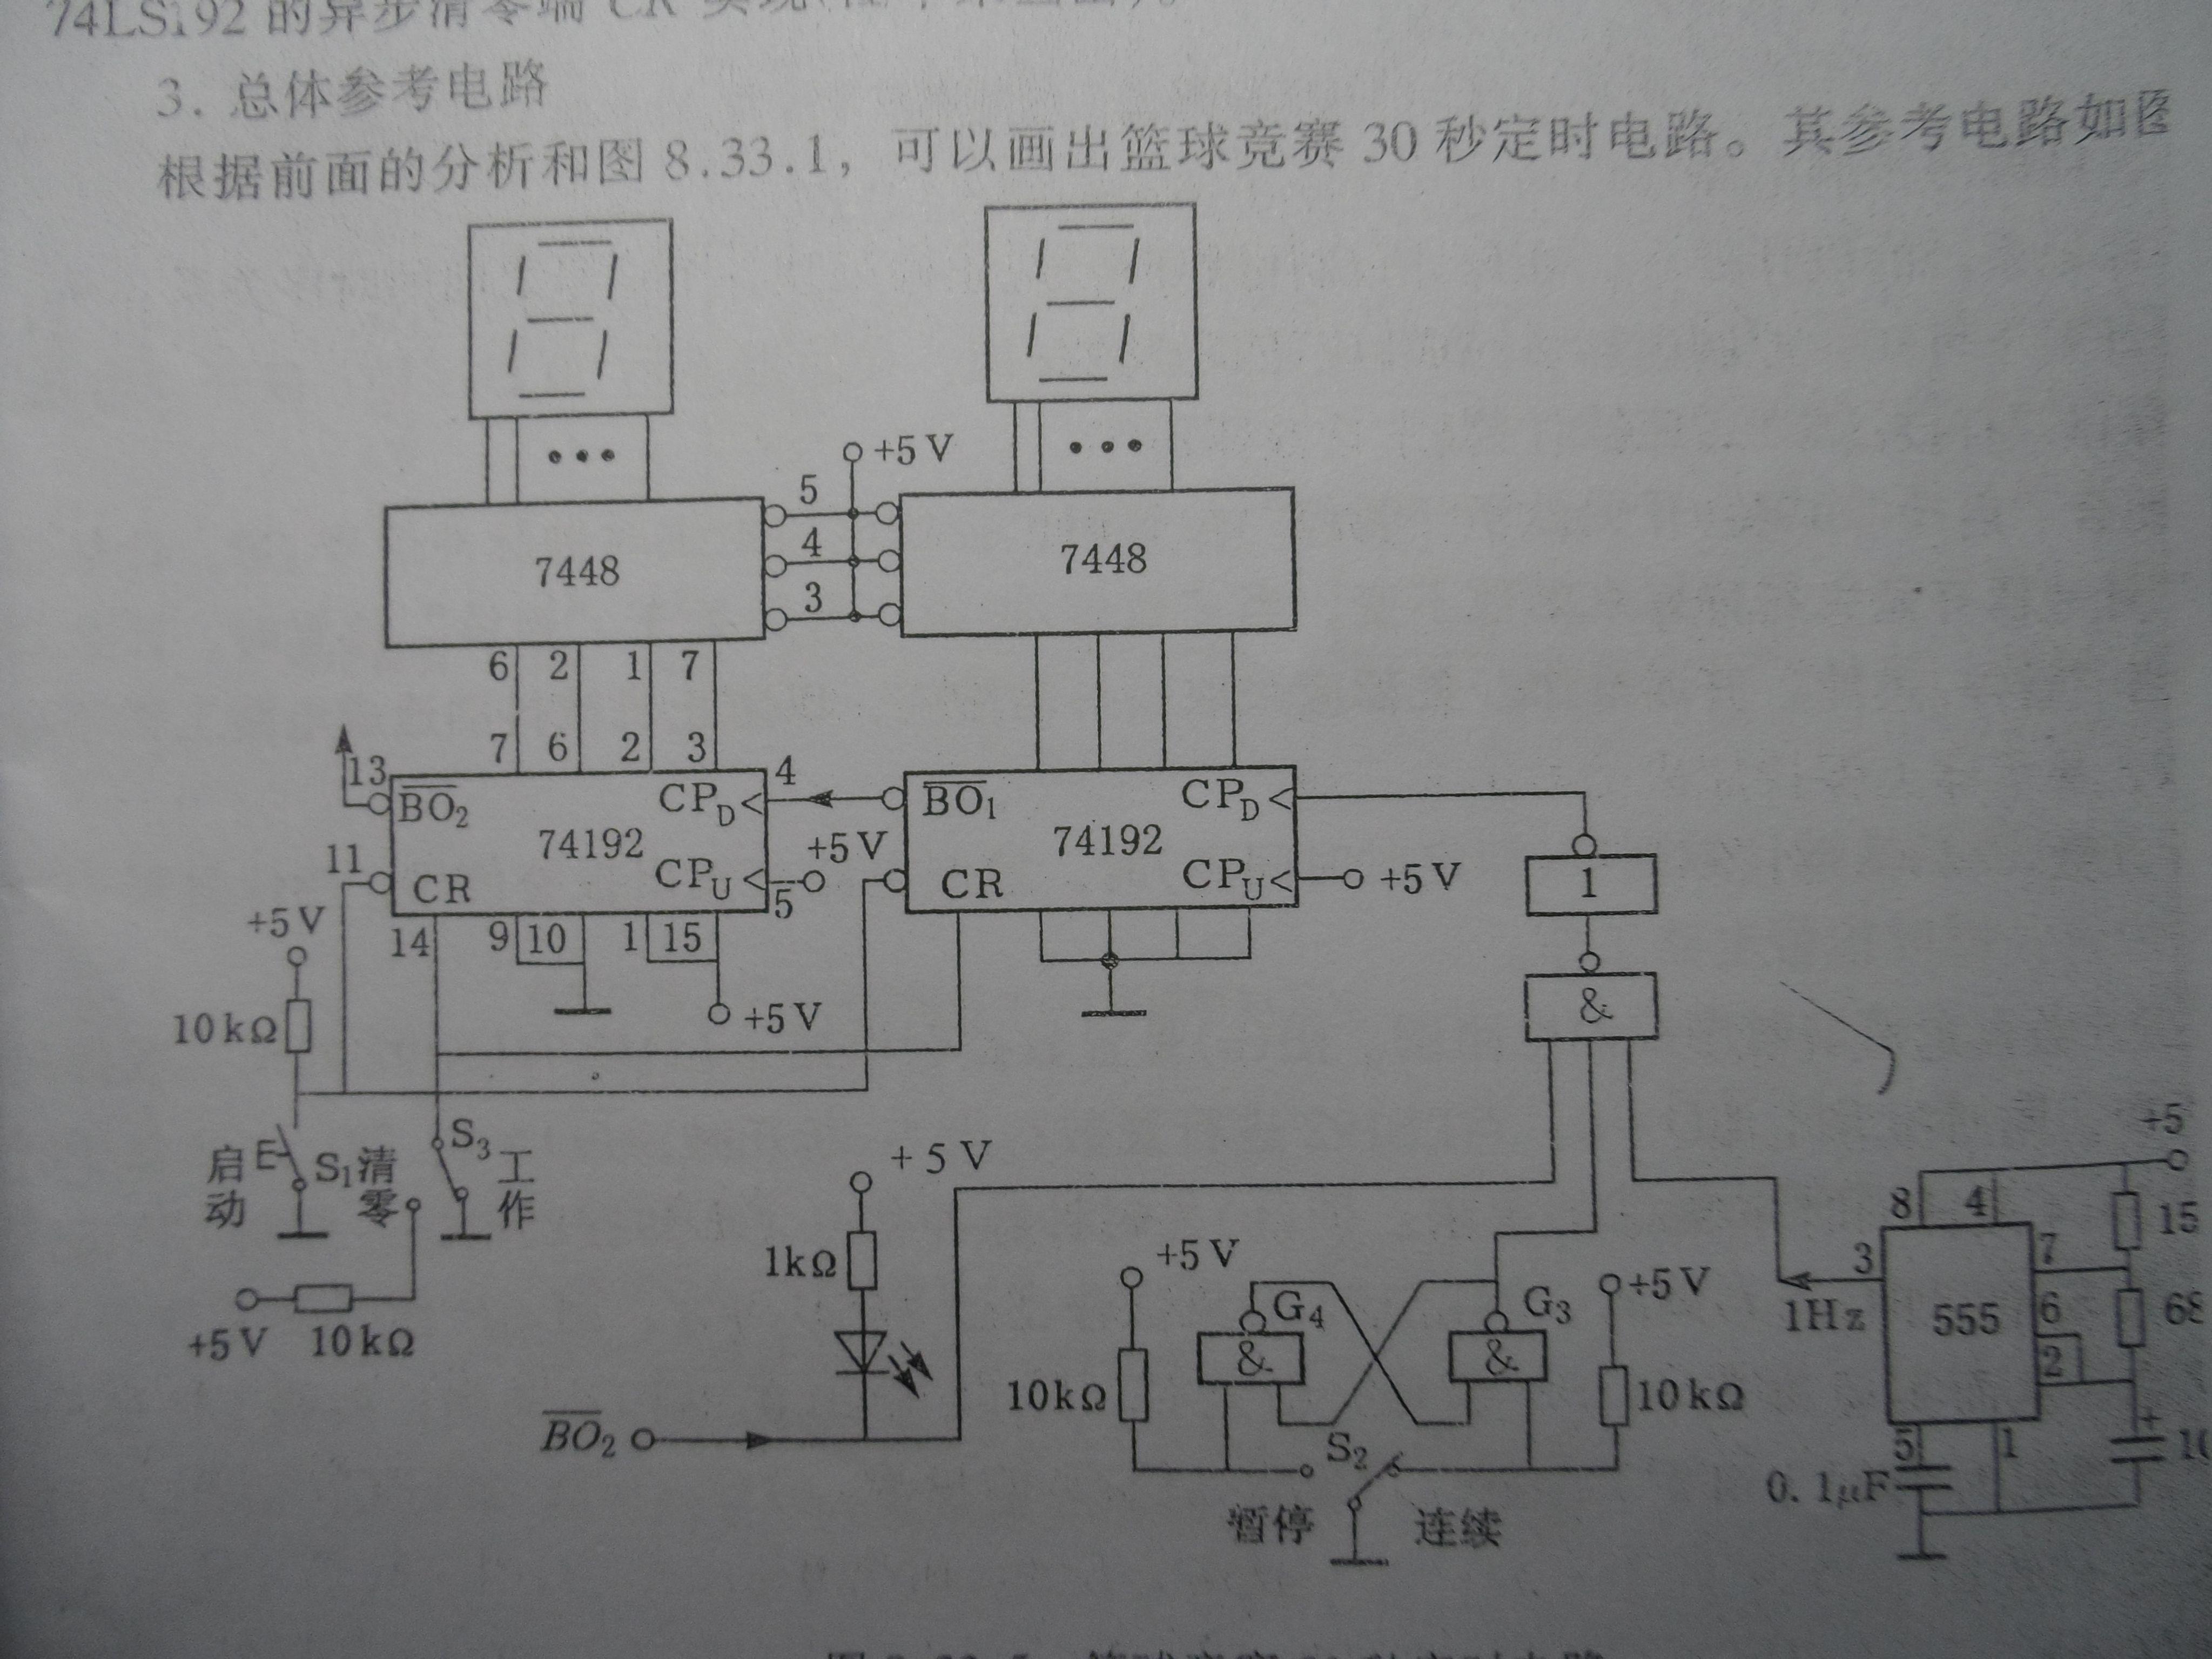 还有两个七段数码显示管与两个74ls48之间的引脚连接,基本电路图我有